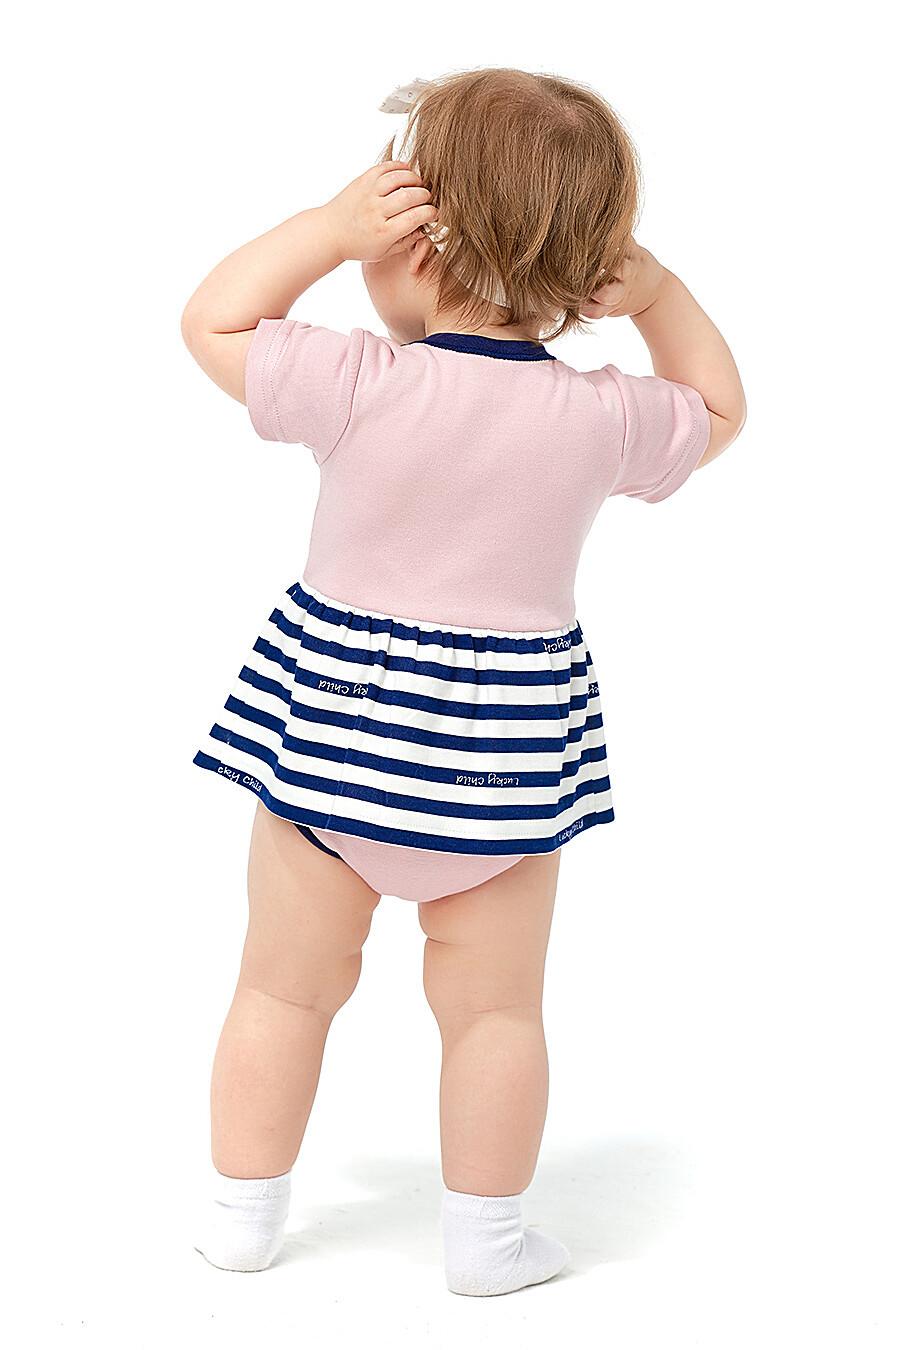 Боди для девочек LUCKY CHILD 184488 купить оптом от производителя. Совместная покупка детской одежды в OptMoyo